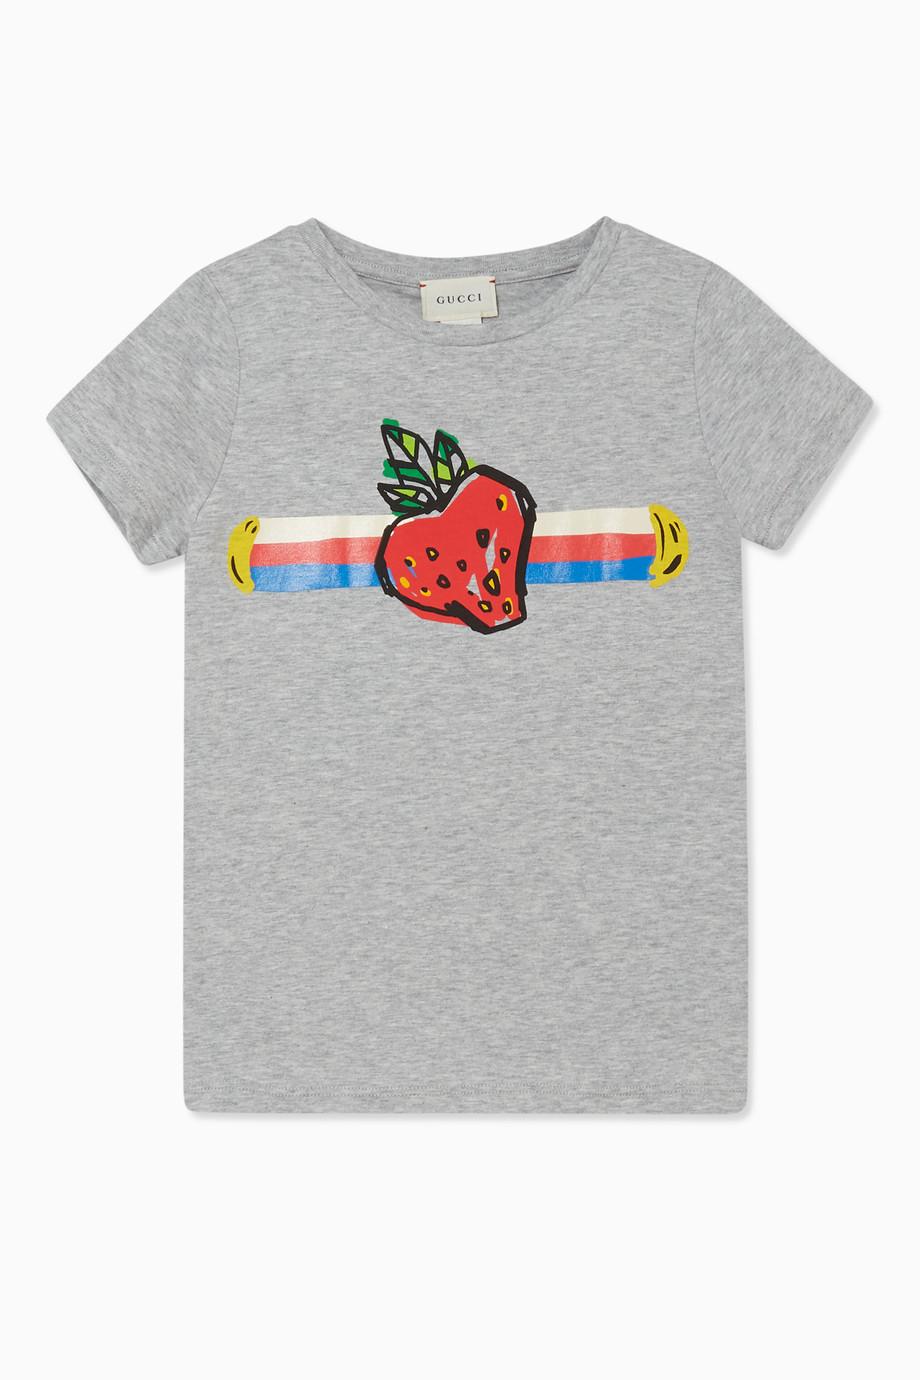 fd14762a Shop Gucci Grey Strawberry Print T-Shirt for Kids | Ounass